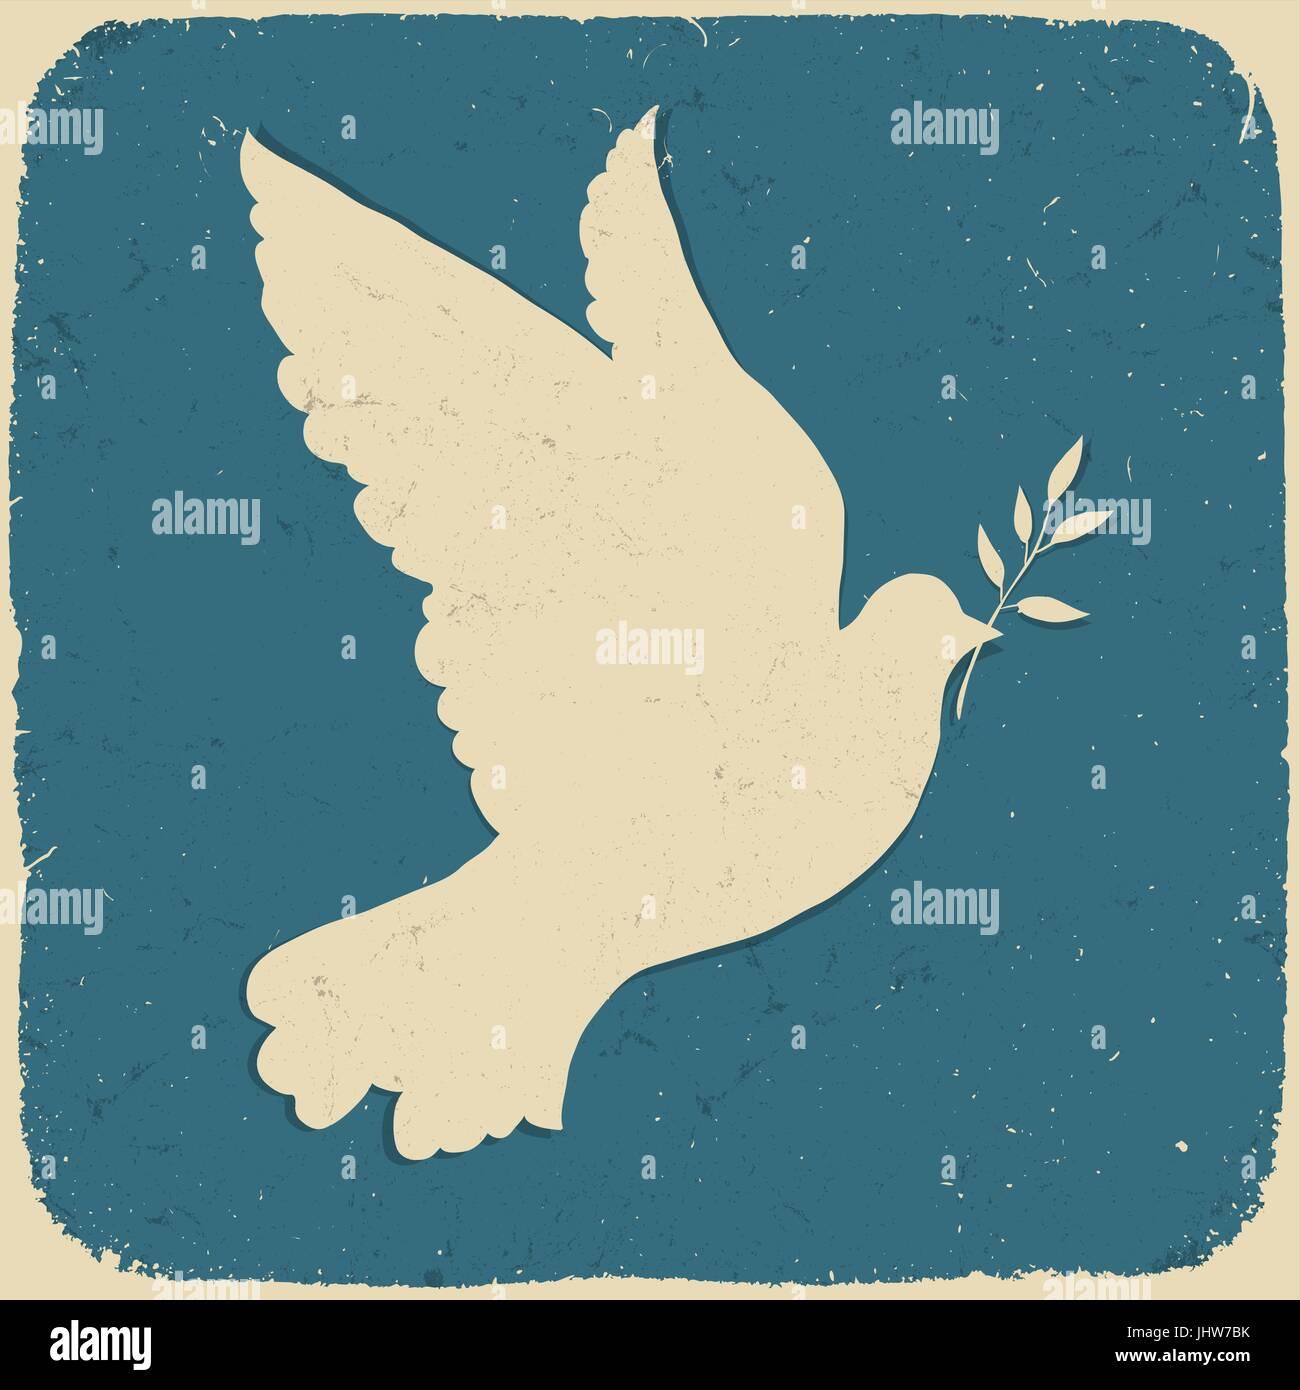 Colombe de la paix. Illustration de style rétro, vector, eps10. Photo Stock